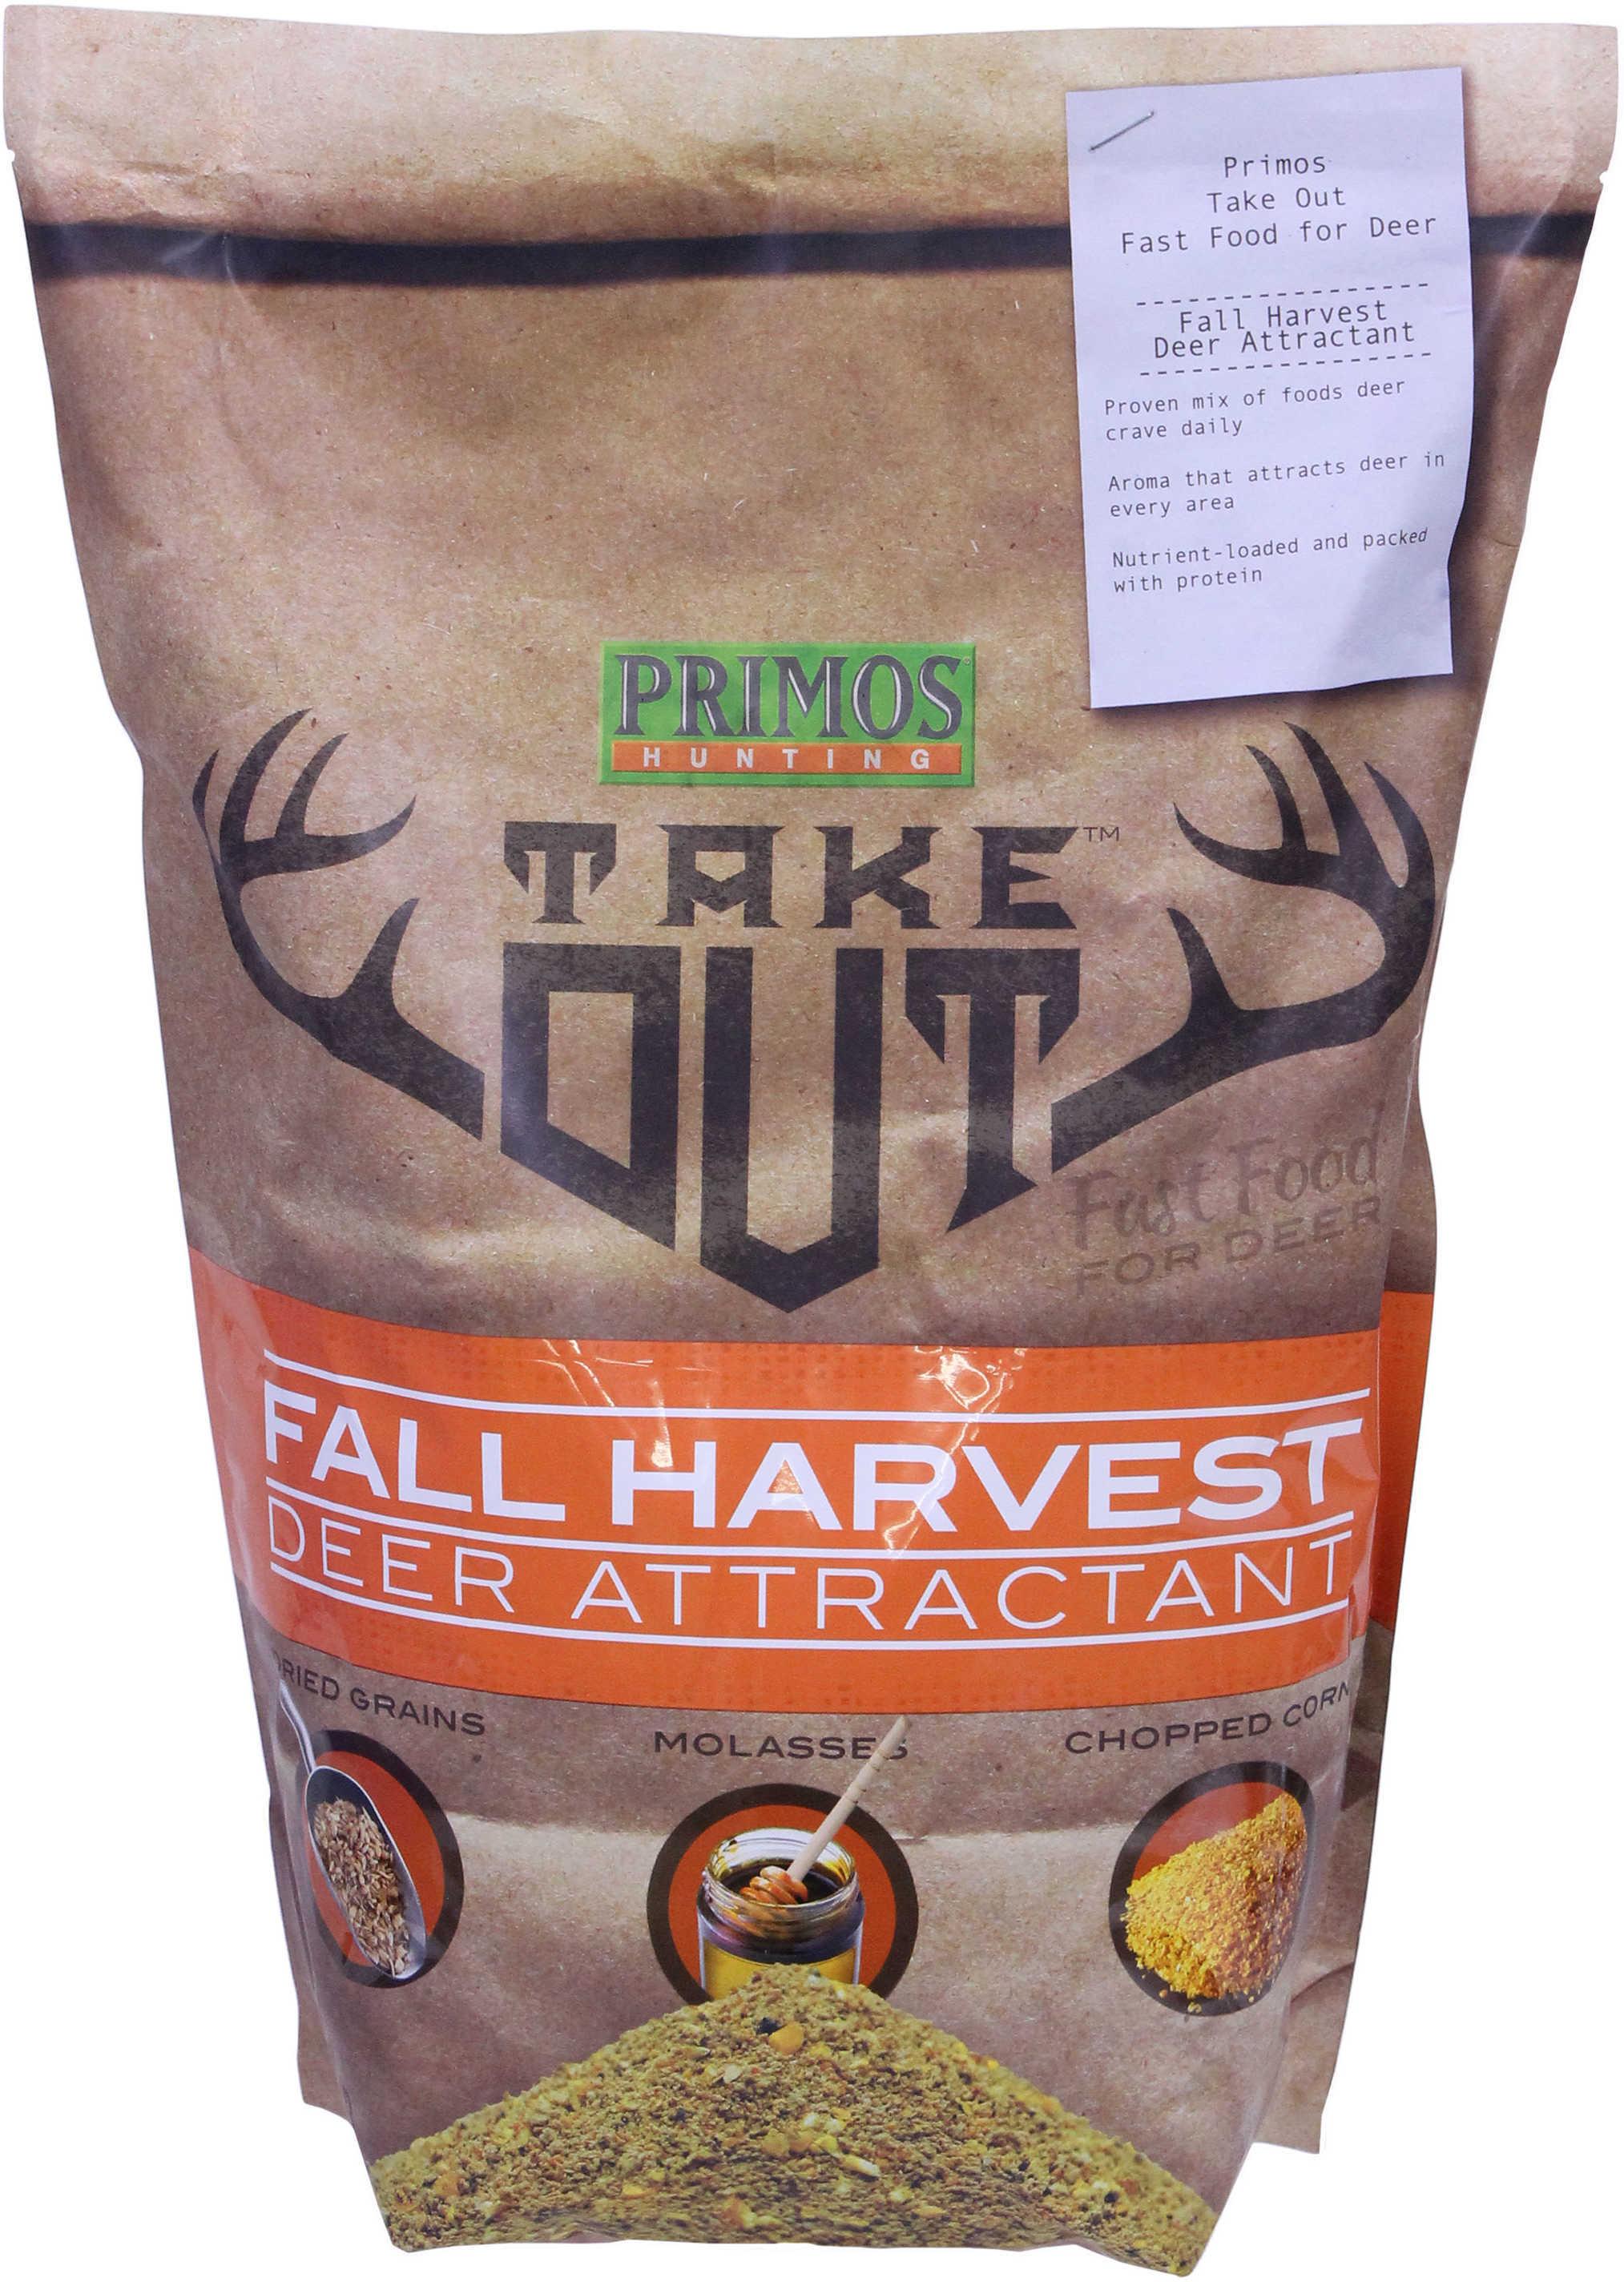 Primos Fall Harvest Deer Attractant Md: 58524